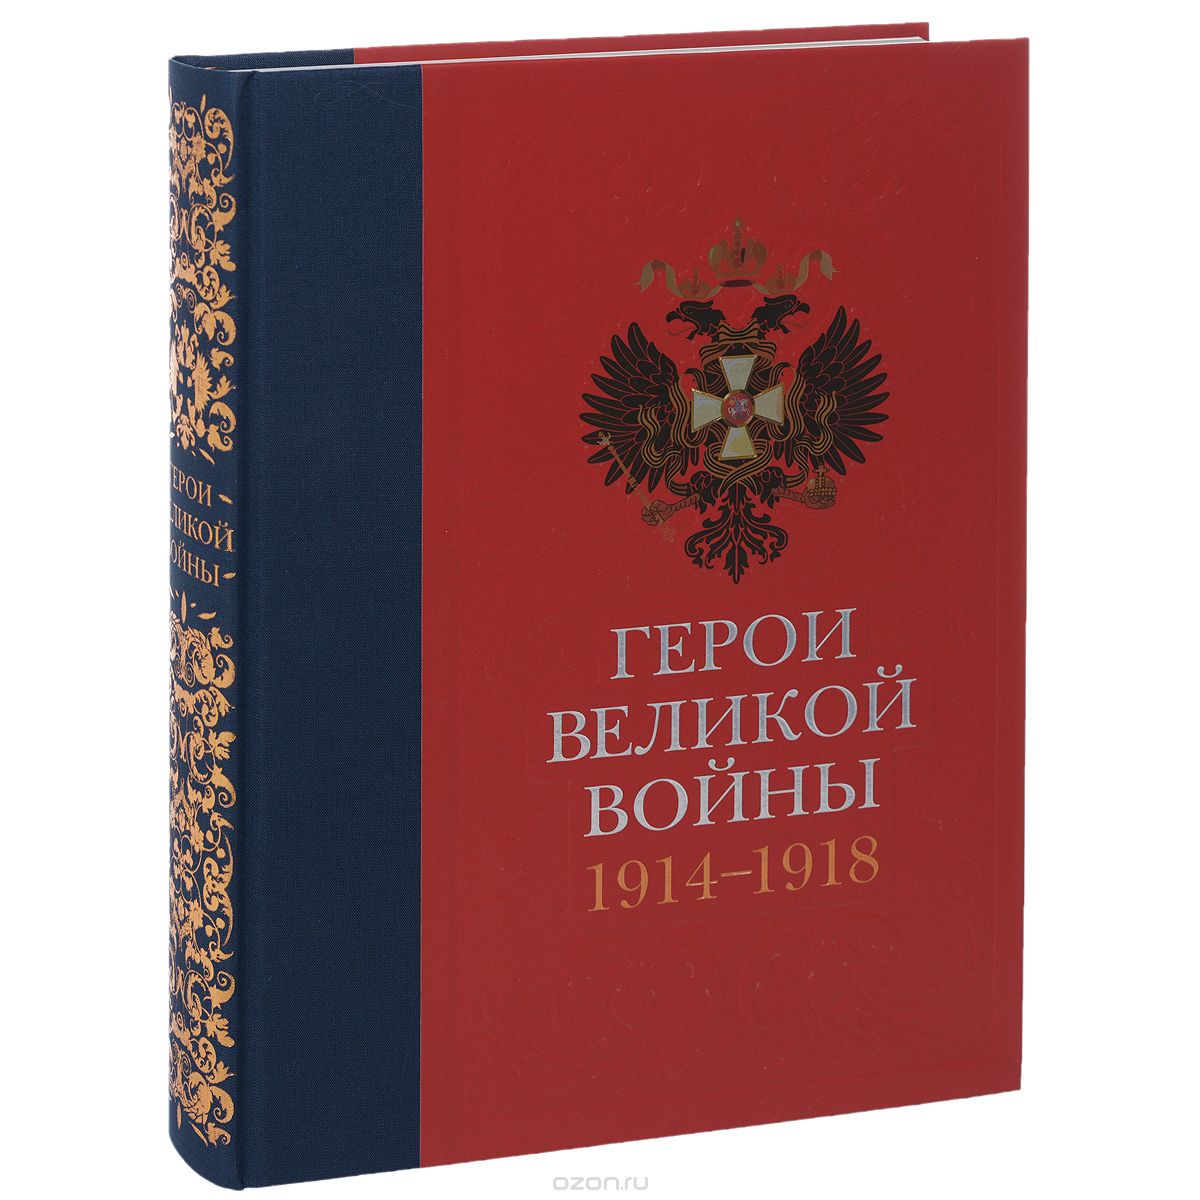 Ильина Татьяна Николаевна Герои Великой Войны. Подарочный альбом